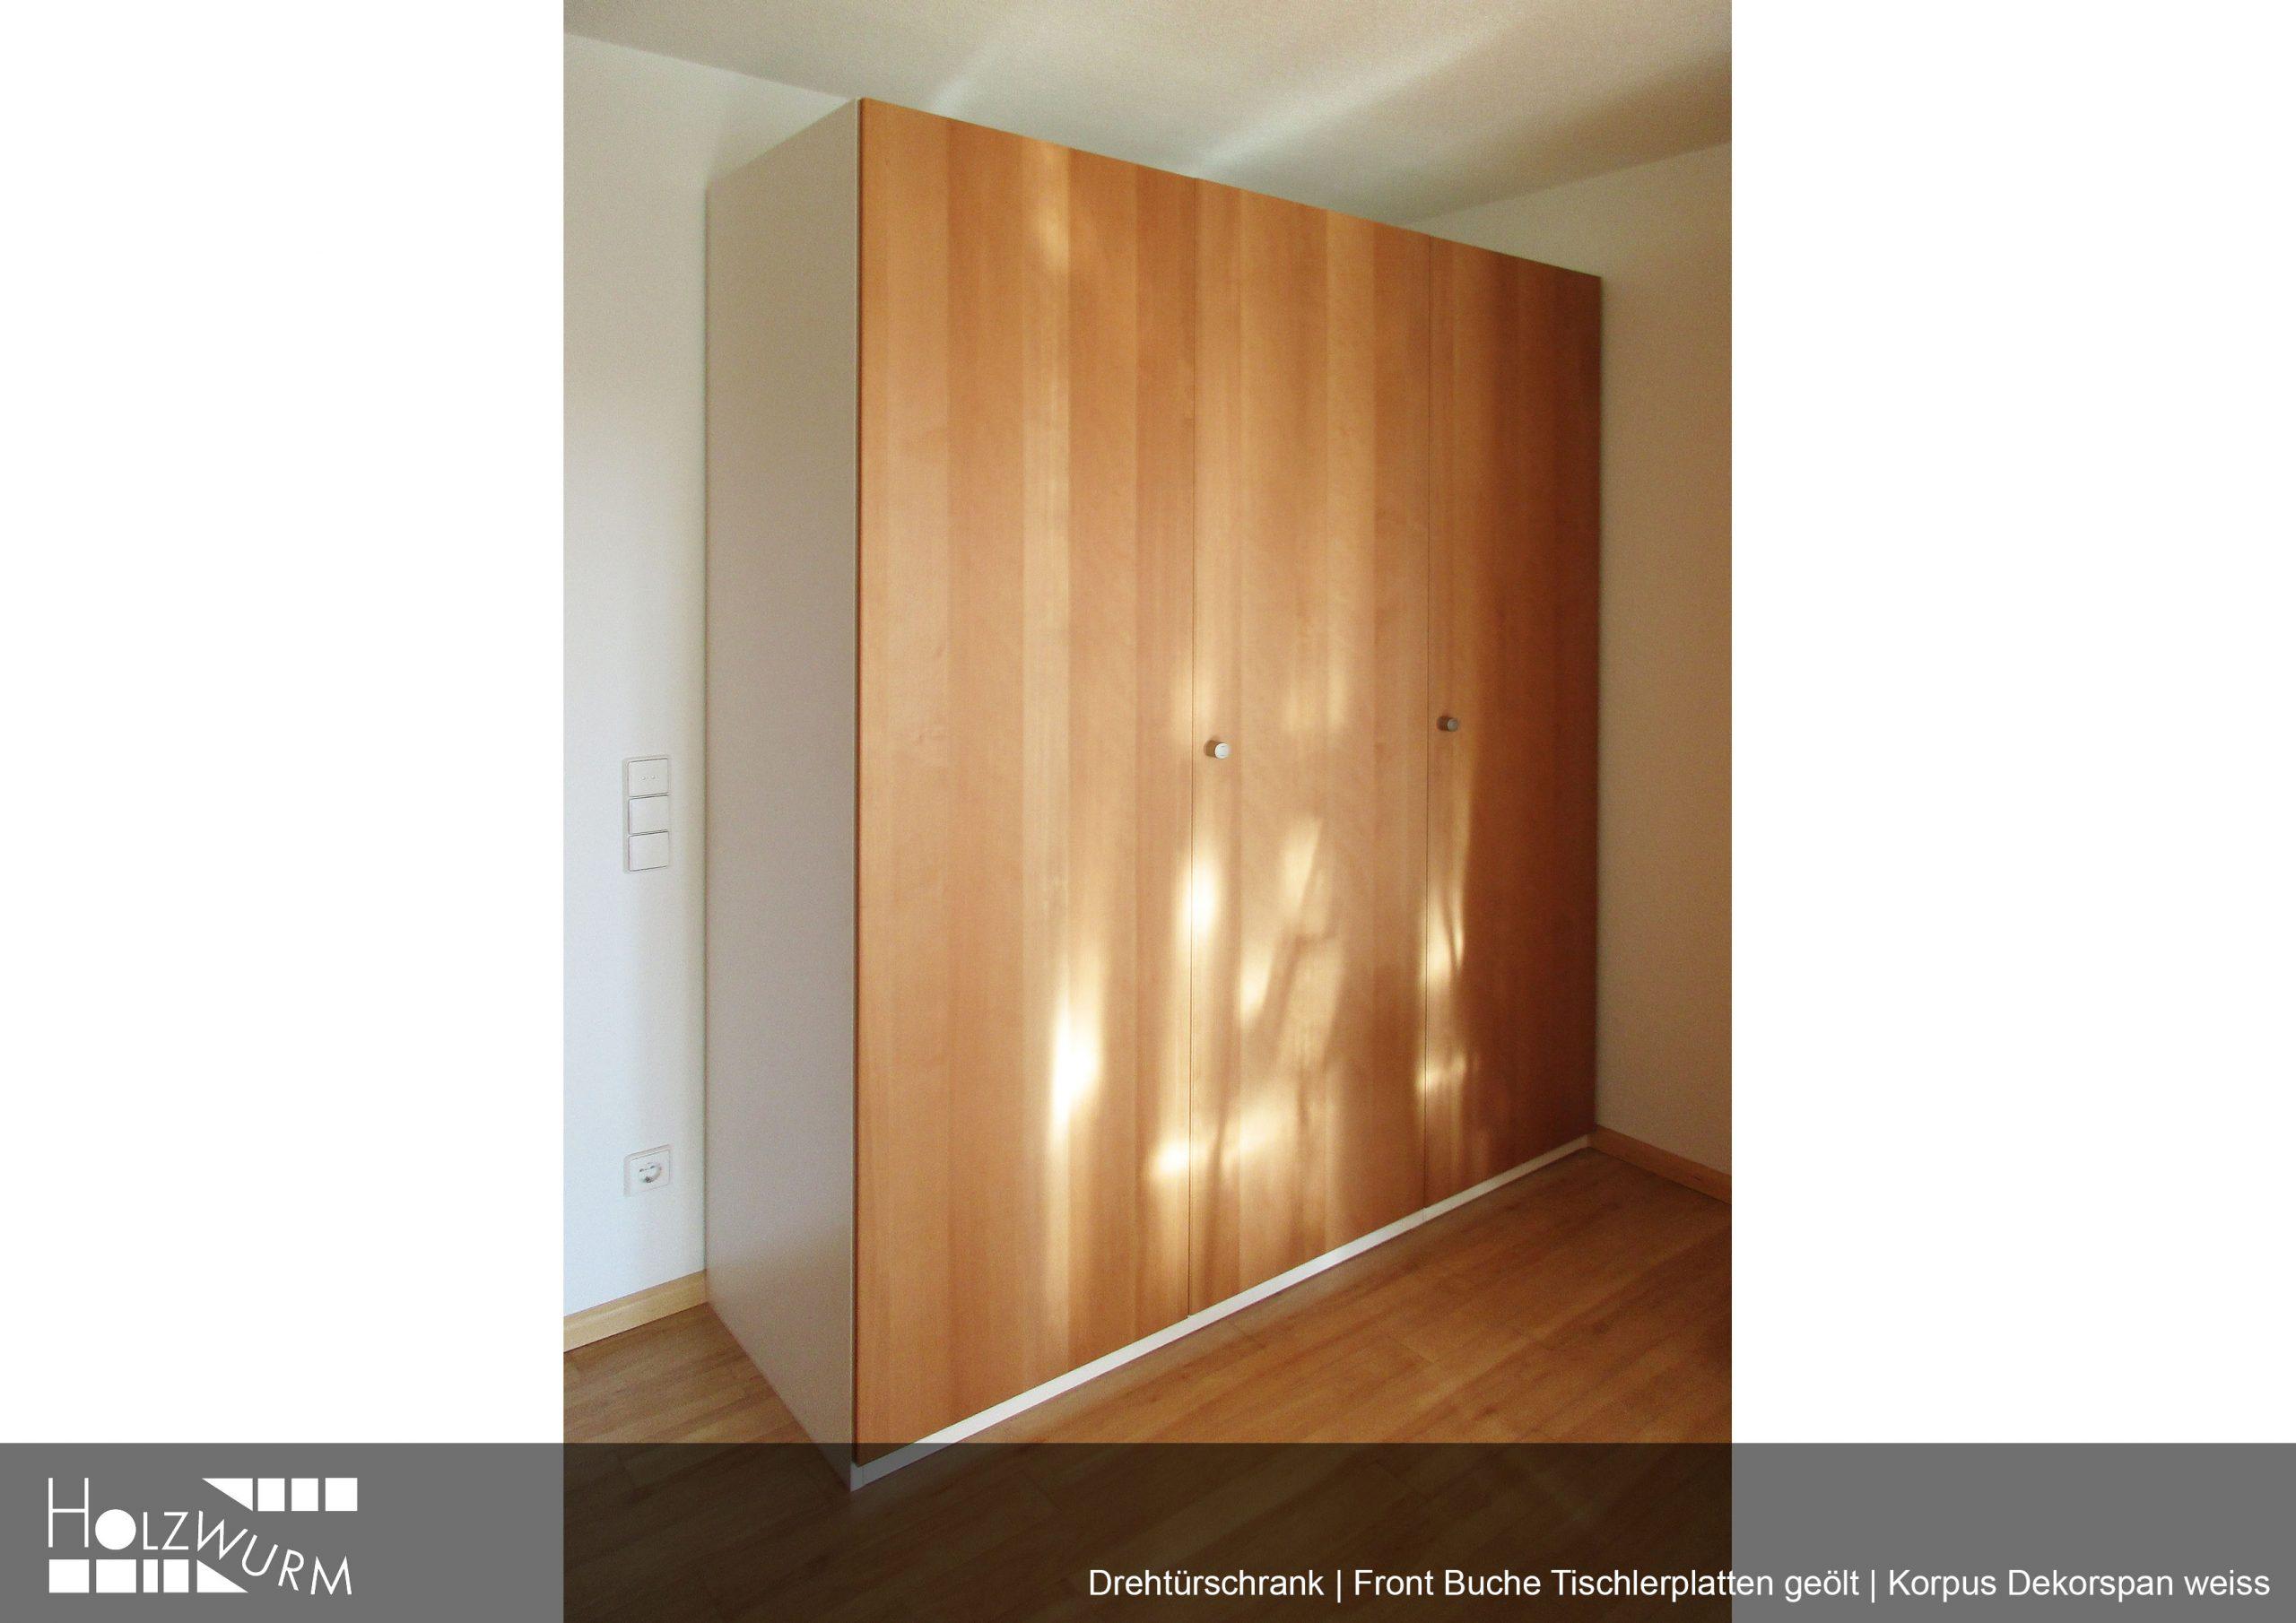 Schrank mit Türen aus Buche Tischlerplatten . Korpuss Dekorspan weiss